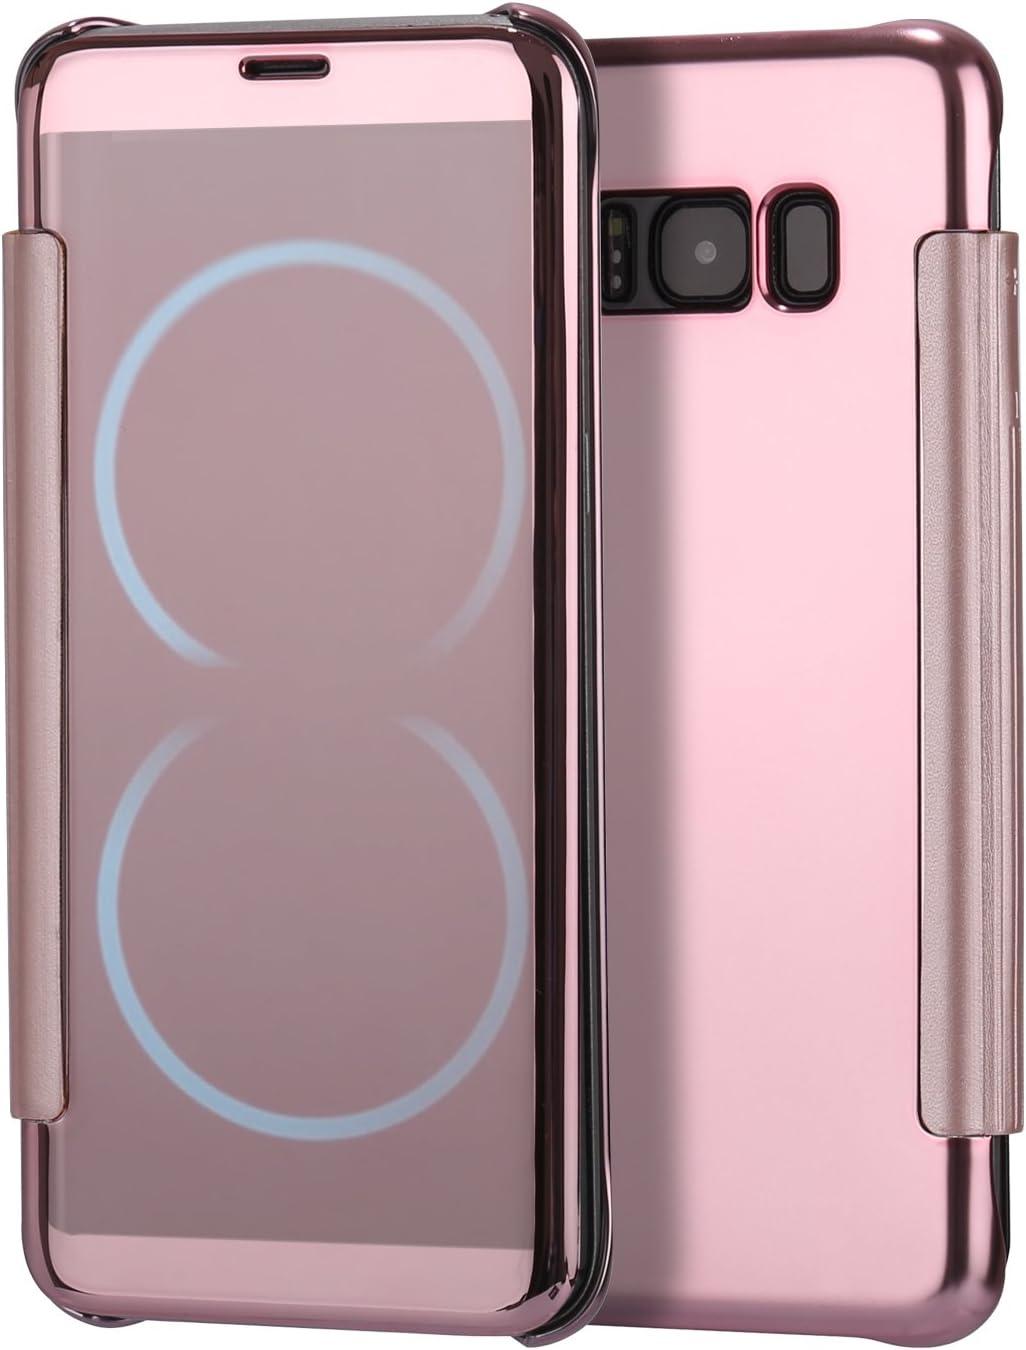 Coque Samsung Galaxy S8 Plus Or Rose,Miroir Coque pour Samsung Galaxy S8 Plus,Leweiany Ultra Mince en Cuir PU Premium Cr/éatif Cool Transparente Crystal Clair avec Placage Texture Motif Arri/ère Rigide Effet Strass Miroir Housse /à Rabat